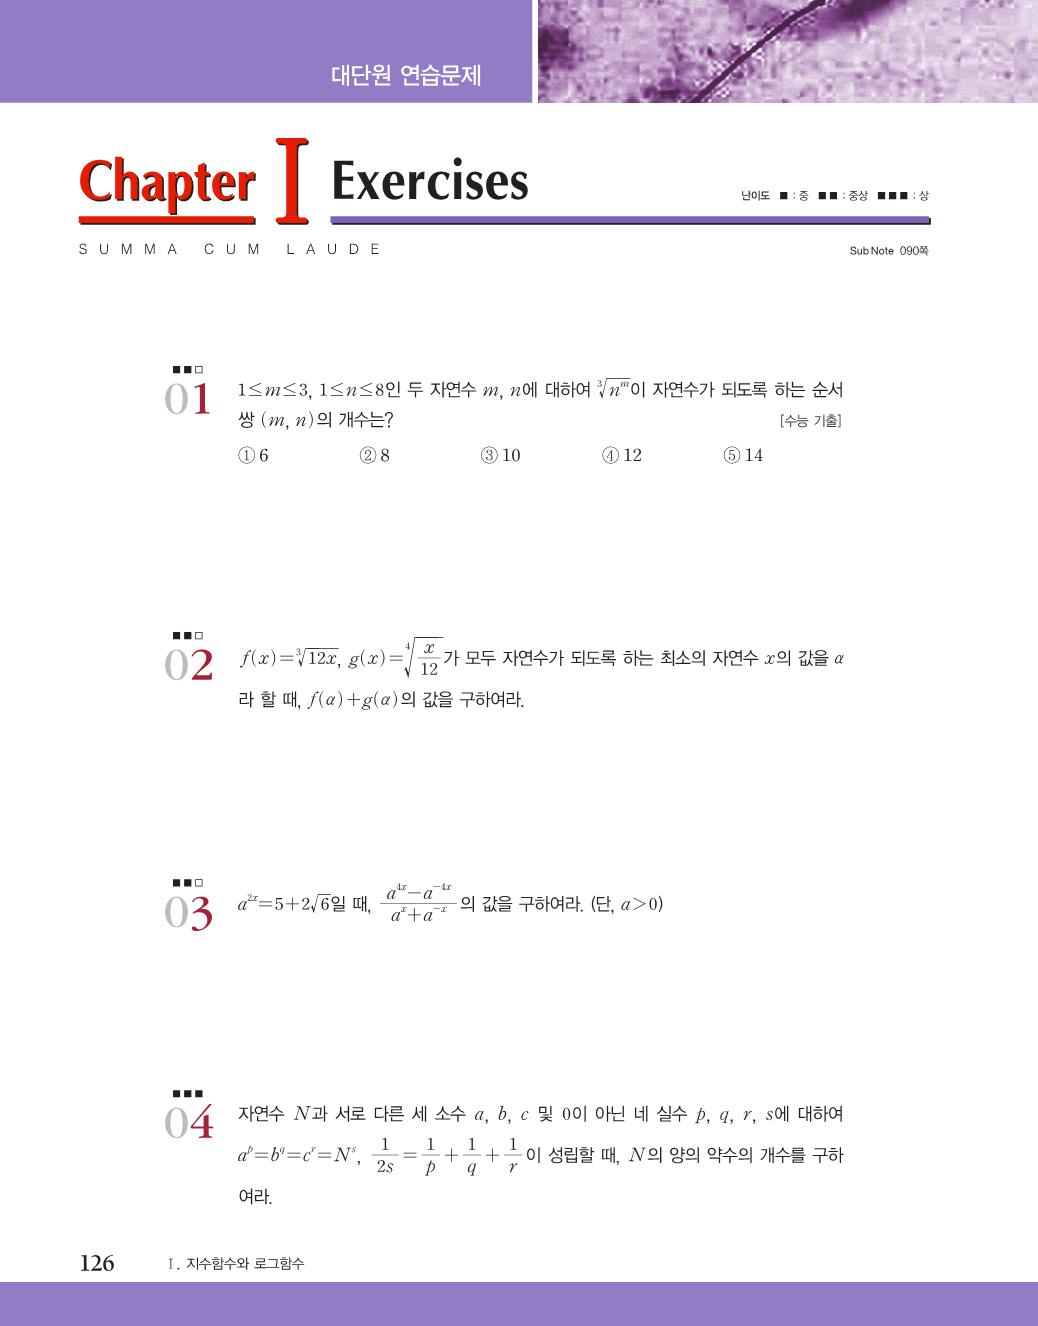 미리보기_숨마쿰라우데_개념기본서_수학124.png